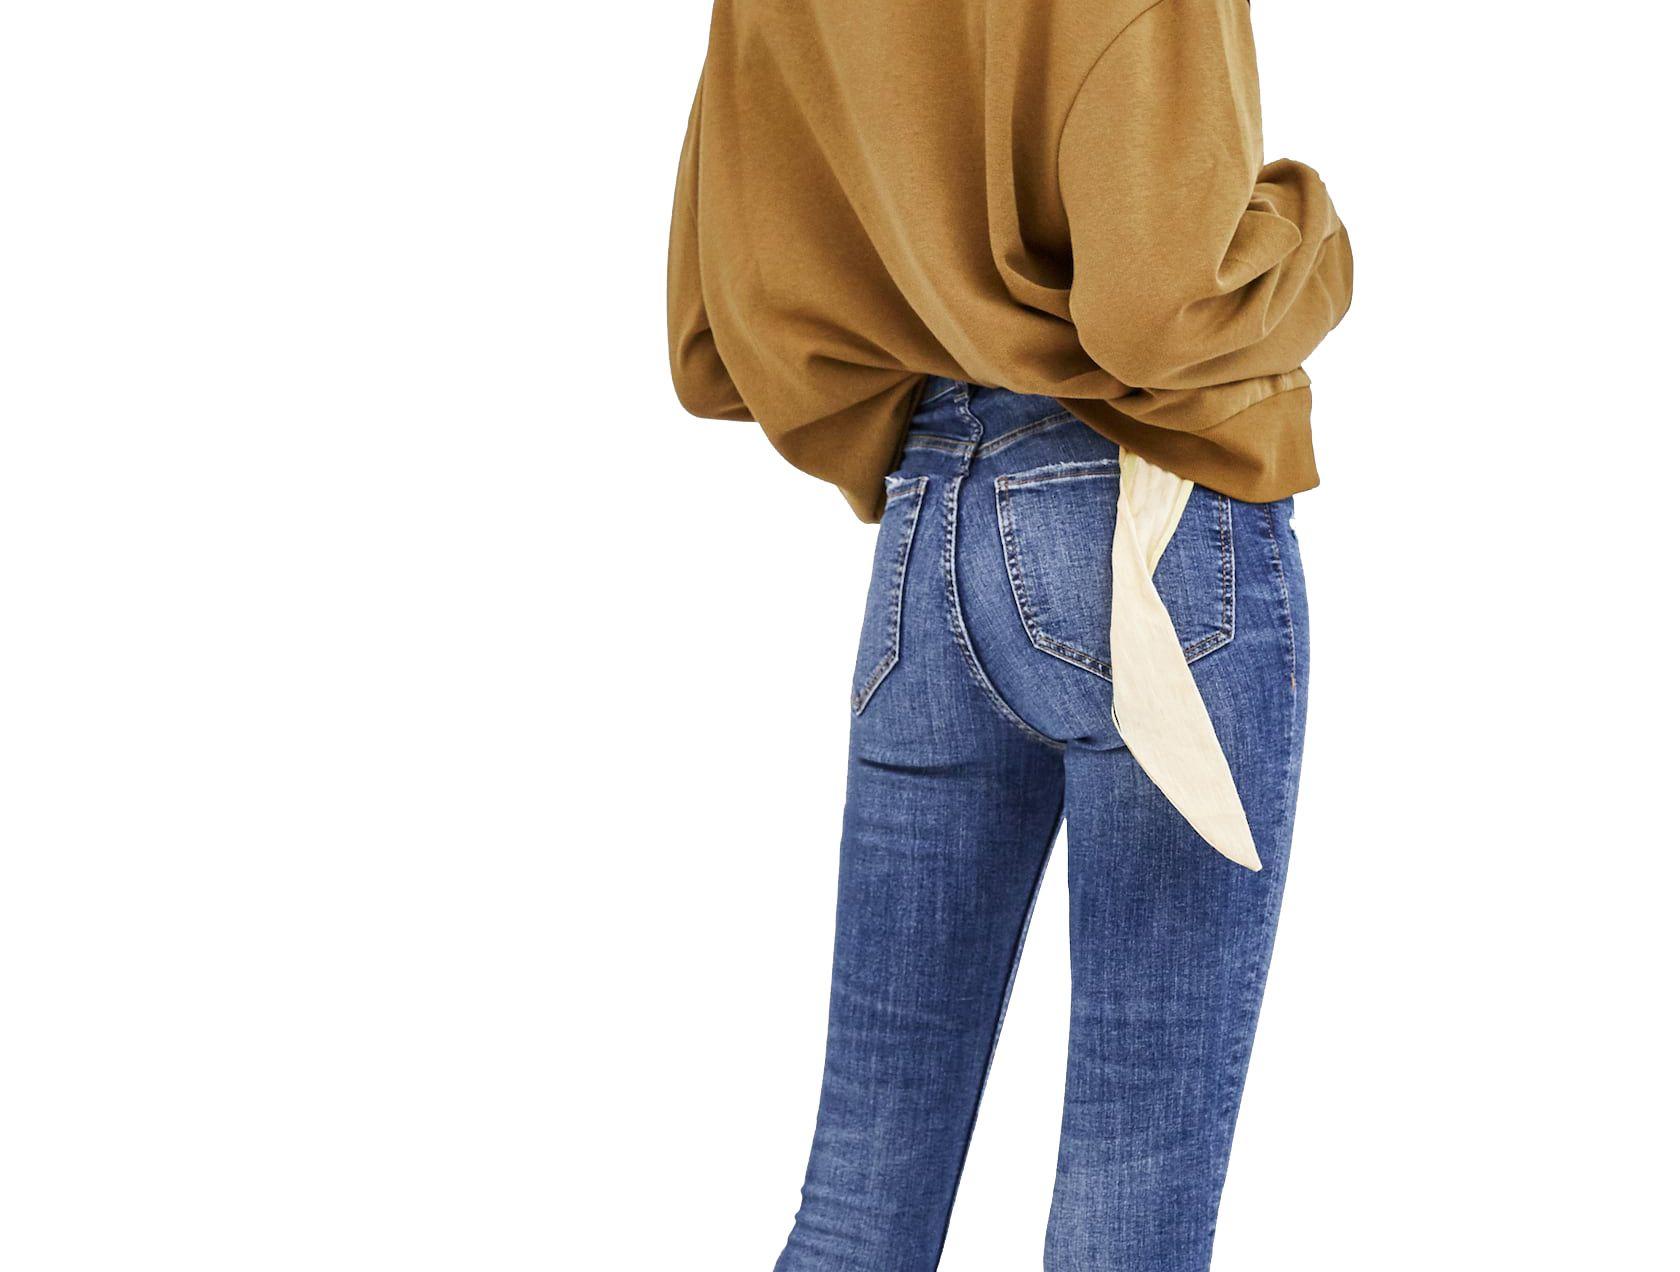 664e5084f1 Zara vende los vaqueros que te hacen más delgada - Estos vaqueros de Zara  reducen una talla